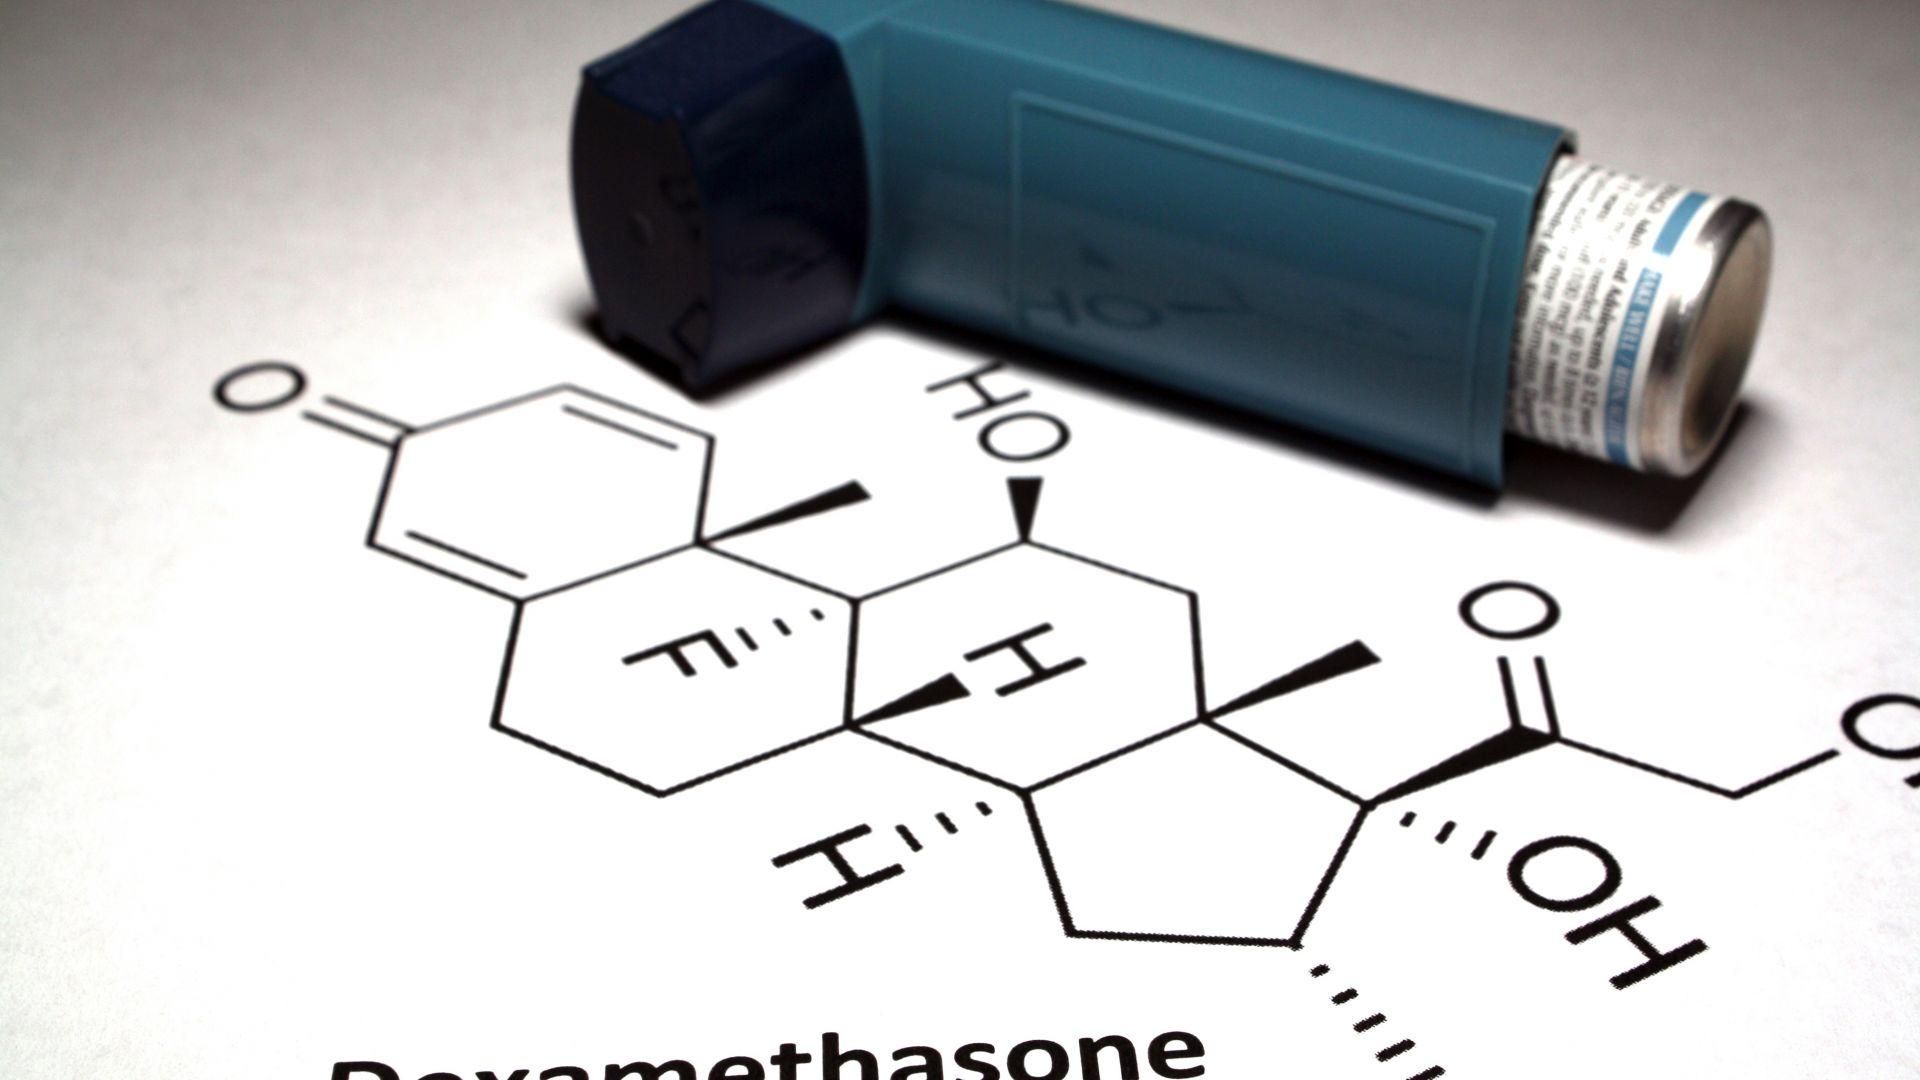 СЗО иска да се увеличи производството на дексаметазон - за лечение на критични случаи